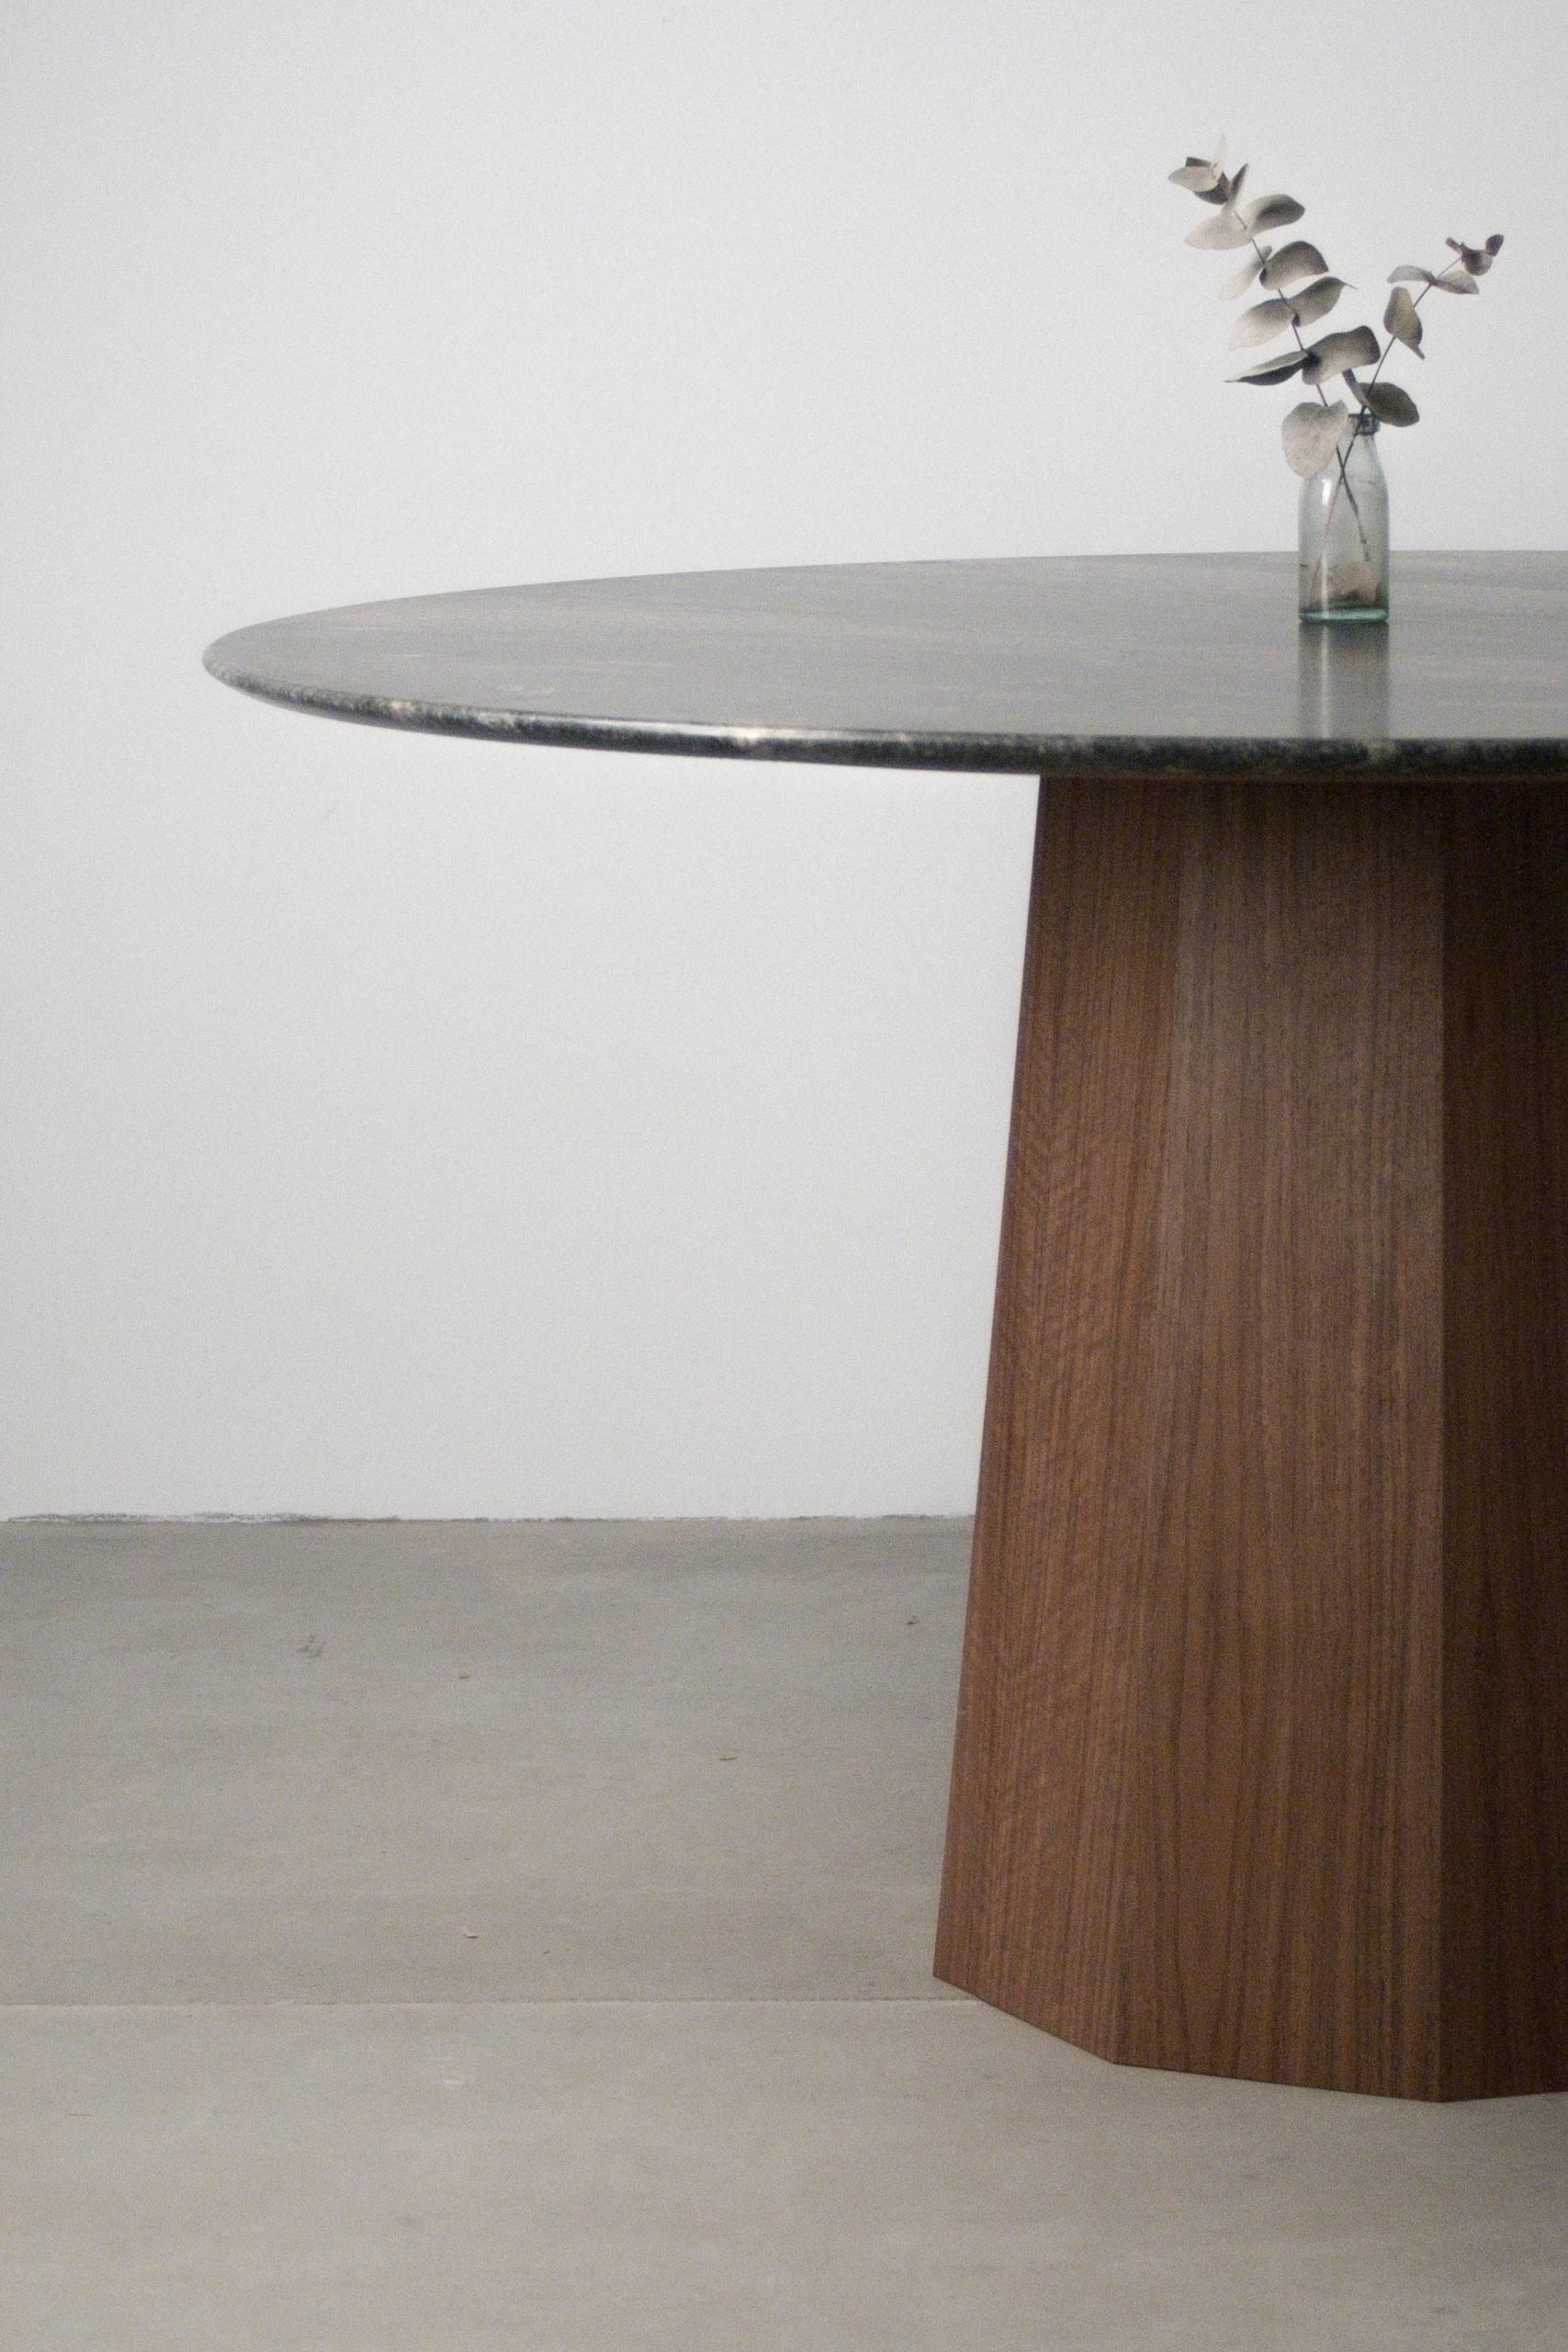 mesa seis 6 personas detalle de canto borde natural marmol